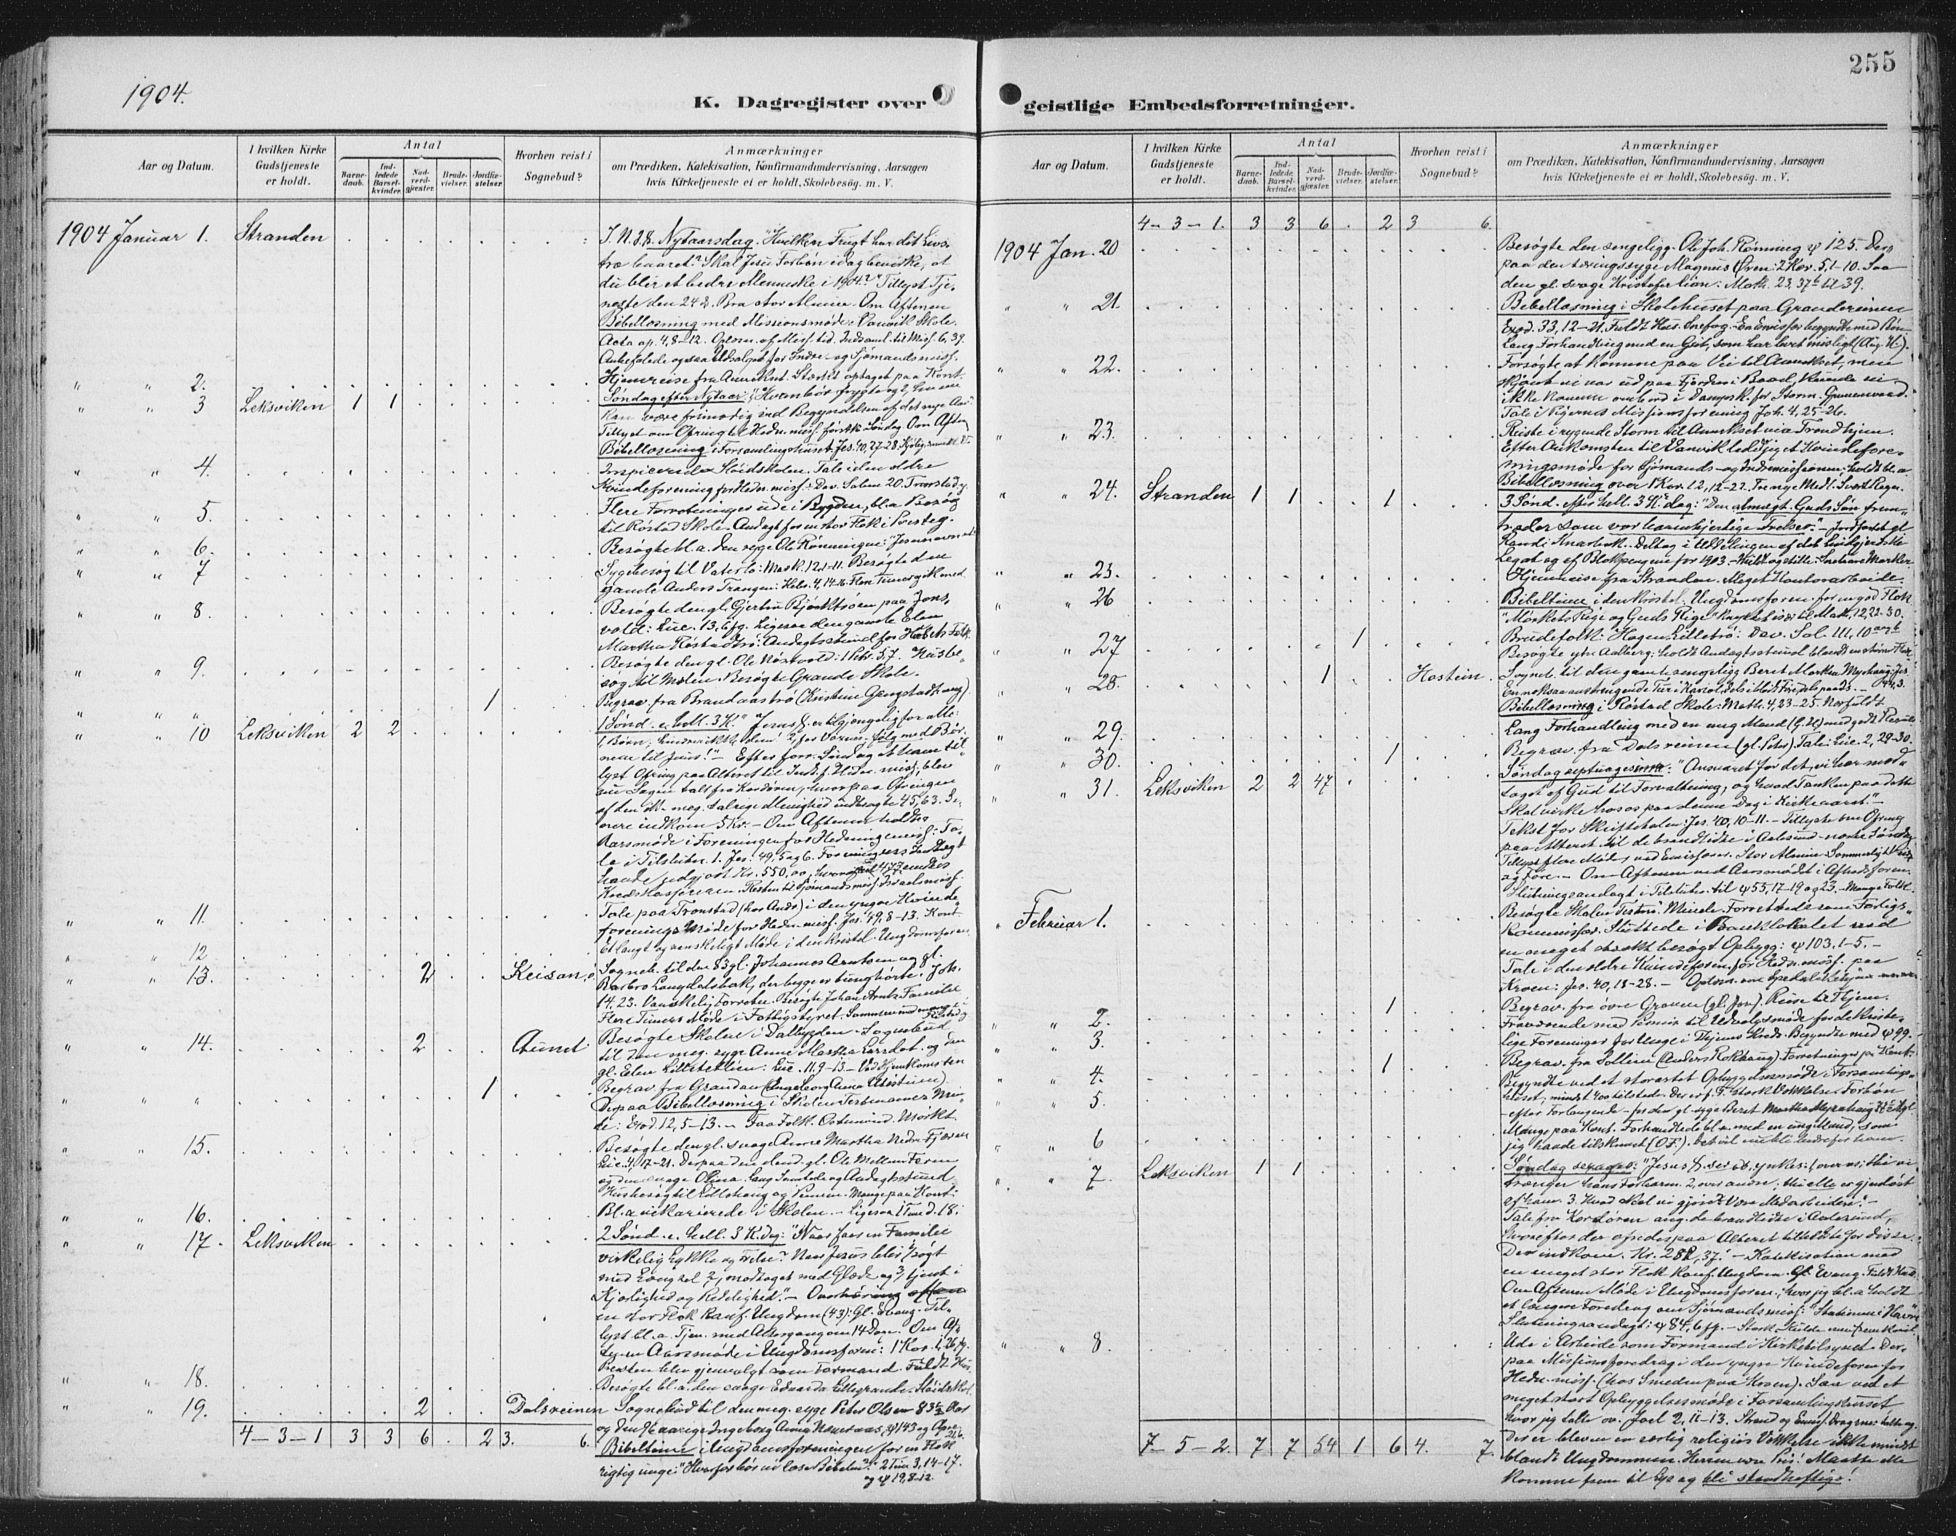 SAT, Ministerialprotokoller, klokkerbøker og fødselsregistre - Nord-Trøndelag, 701/L0011: Ministerialbok nr. 701A11, 1899-1915, s. 255